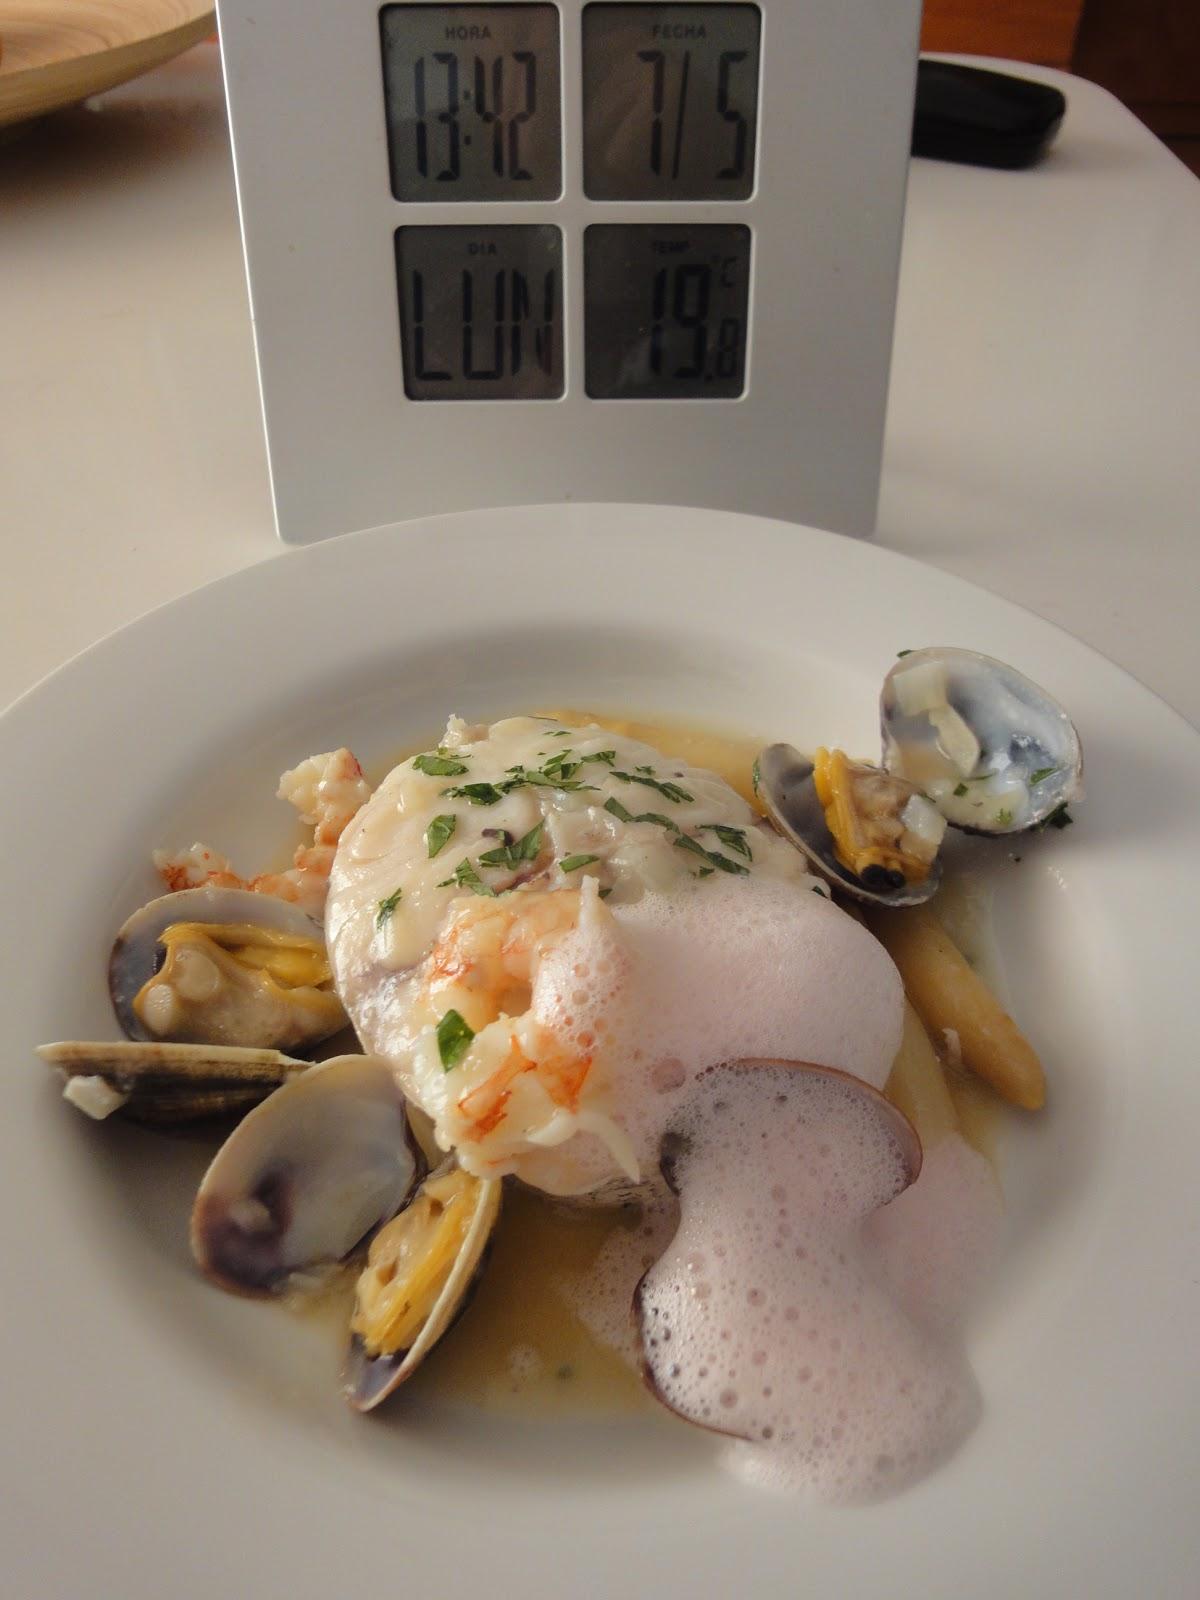 Clases de cocina zaragoza merluza con almejas - Cursos de cocina zaragoza ...